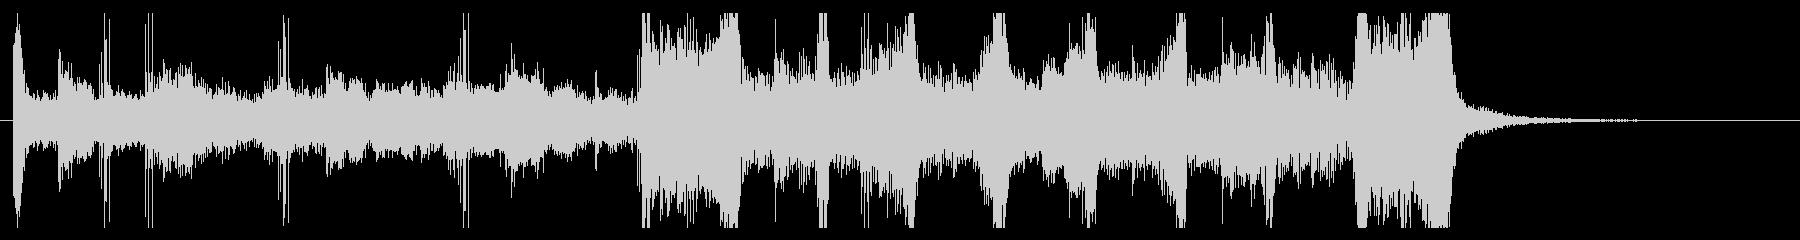 シンセポップ ジングル ラジオテレビCMの未再生の波形